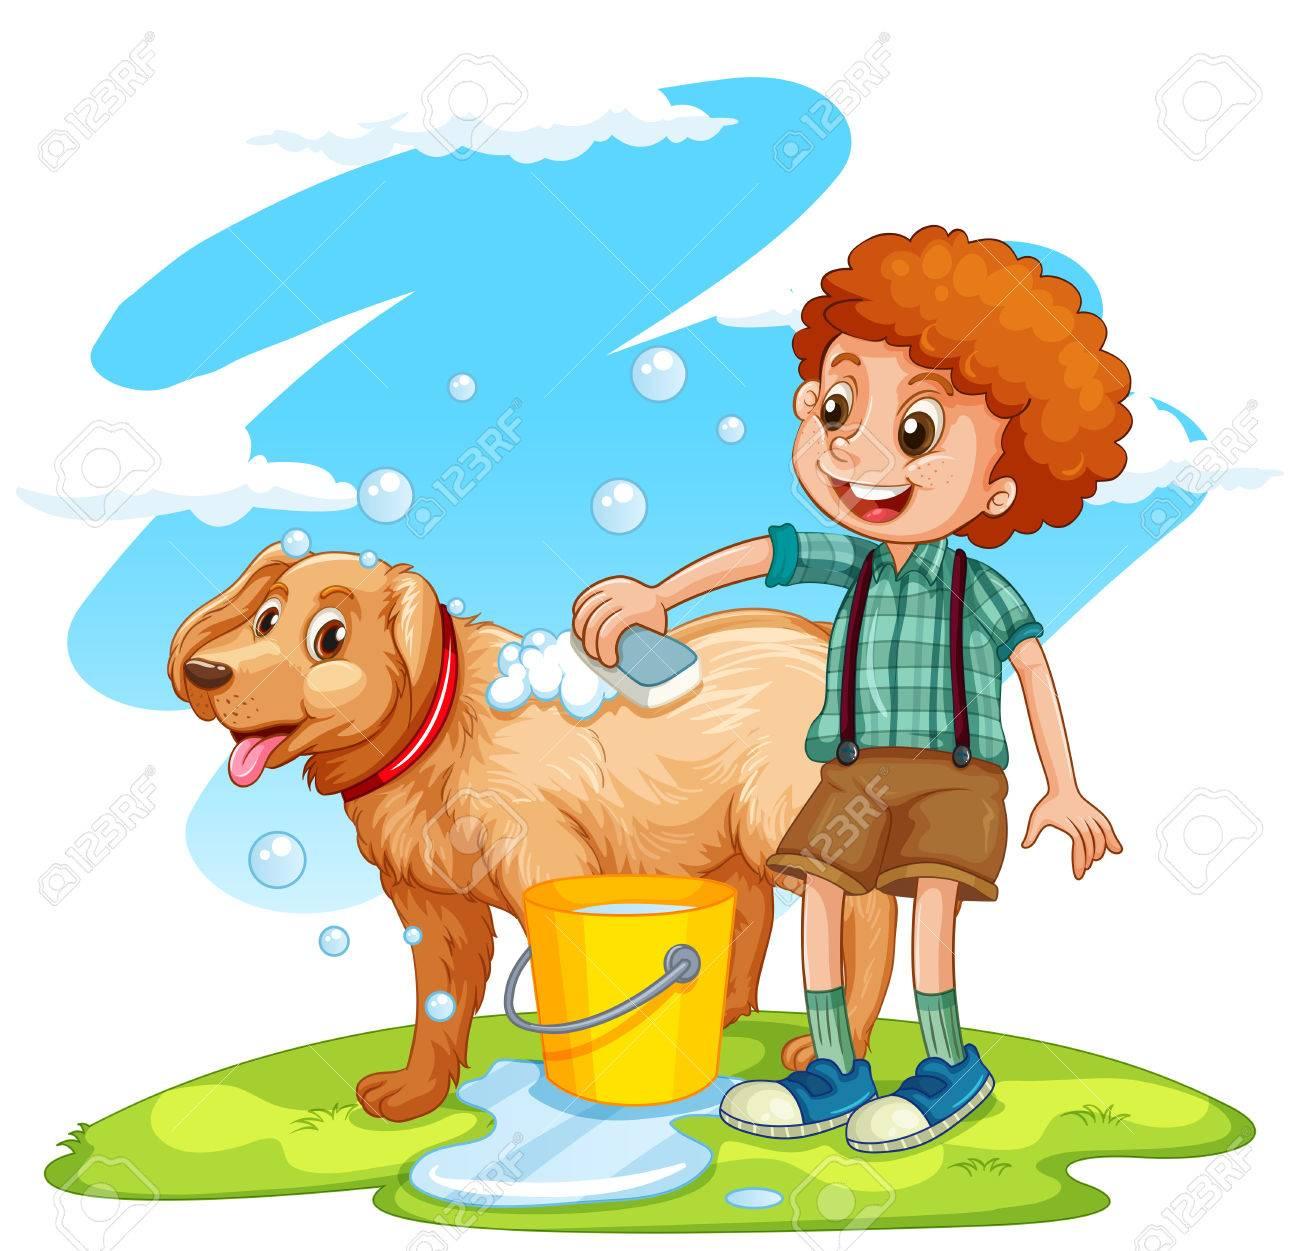 Boy giving dog a bath illustration.